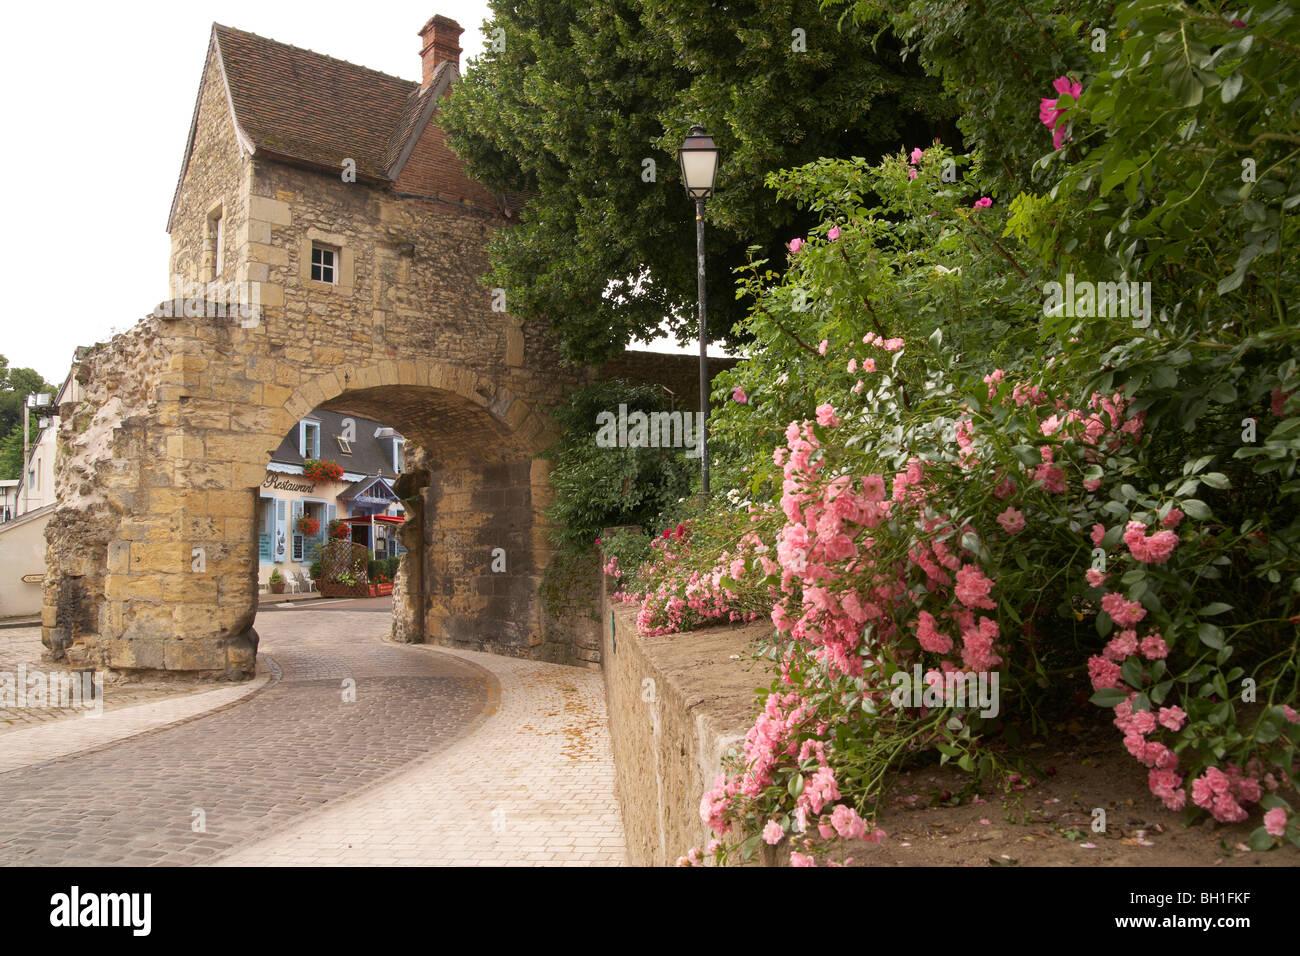 Old town of Nevers, Porte du Croux, Loire, The Way of St. James, Chemins de Saint Jacques, Via Lemovicensis, Nevers, - Stock Image